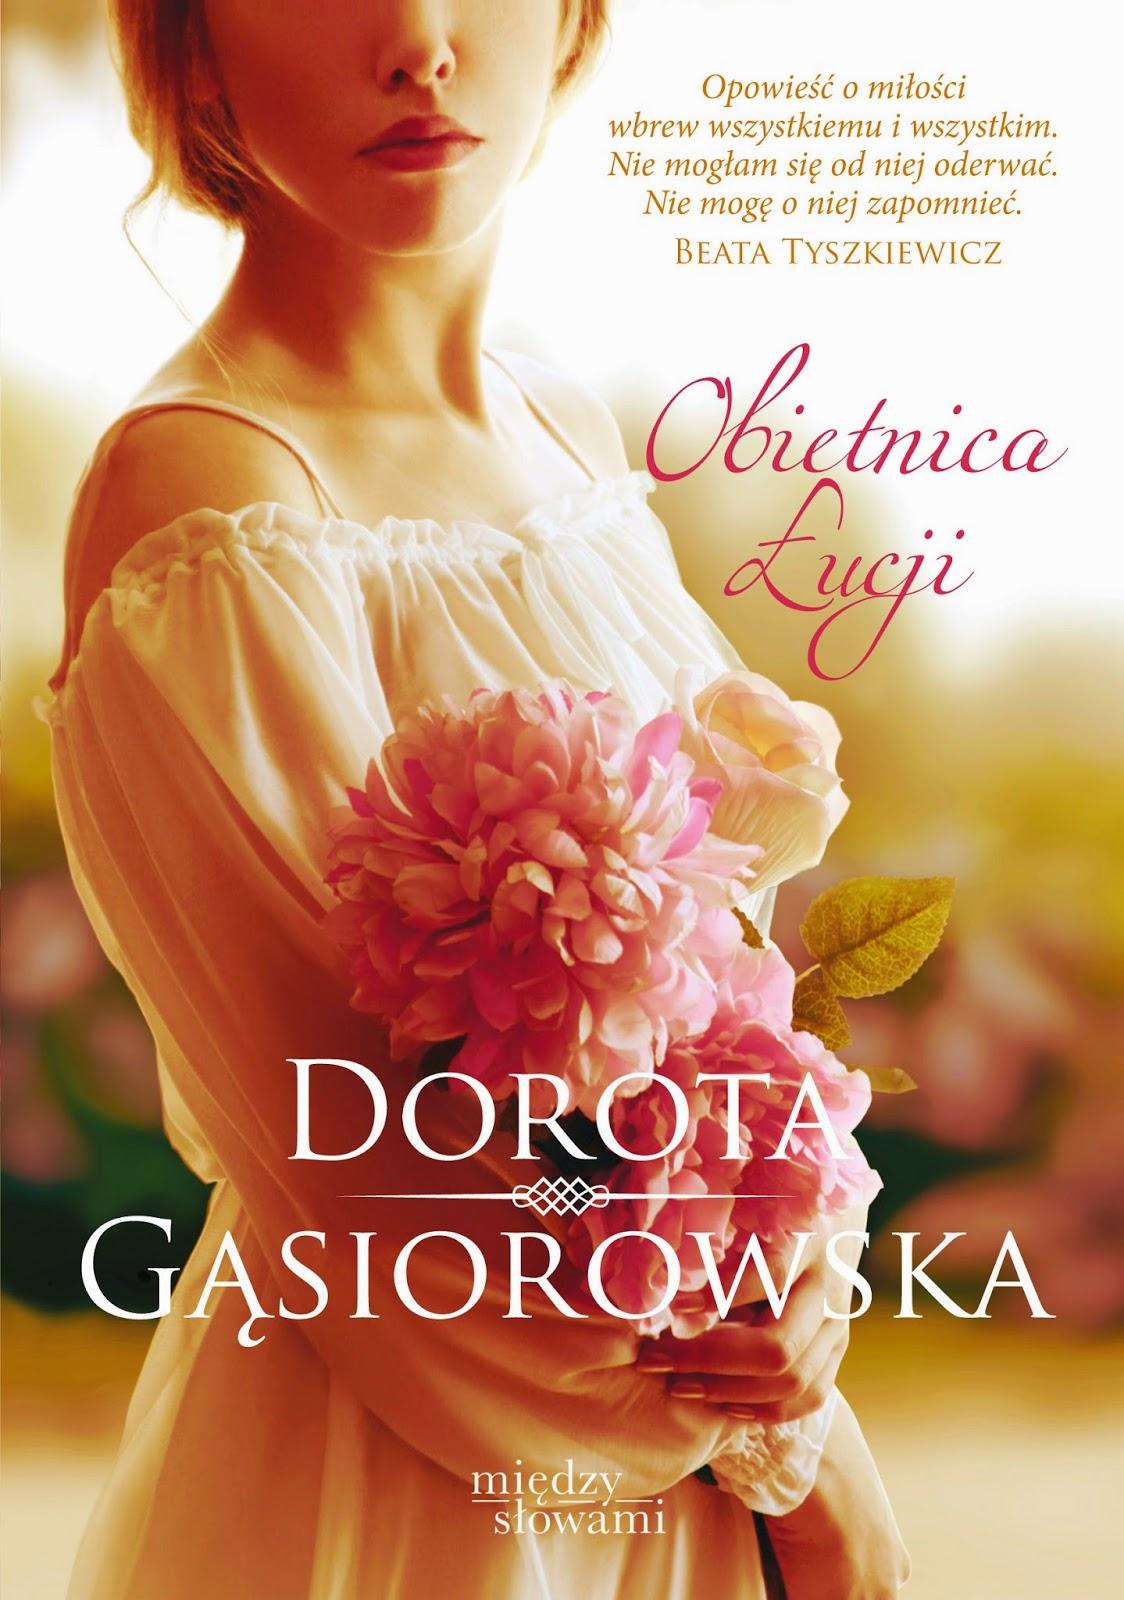 """Akcja promocyjna """"Obietnica Łucji"""" Dorota Gąsiorowska"""